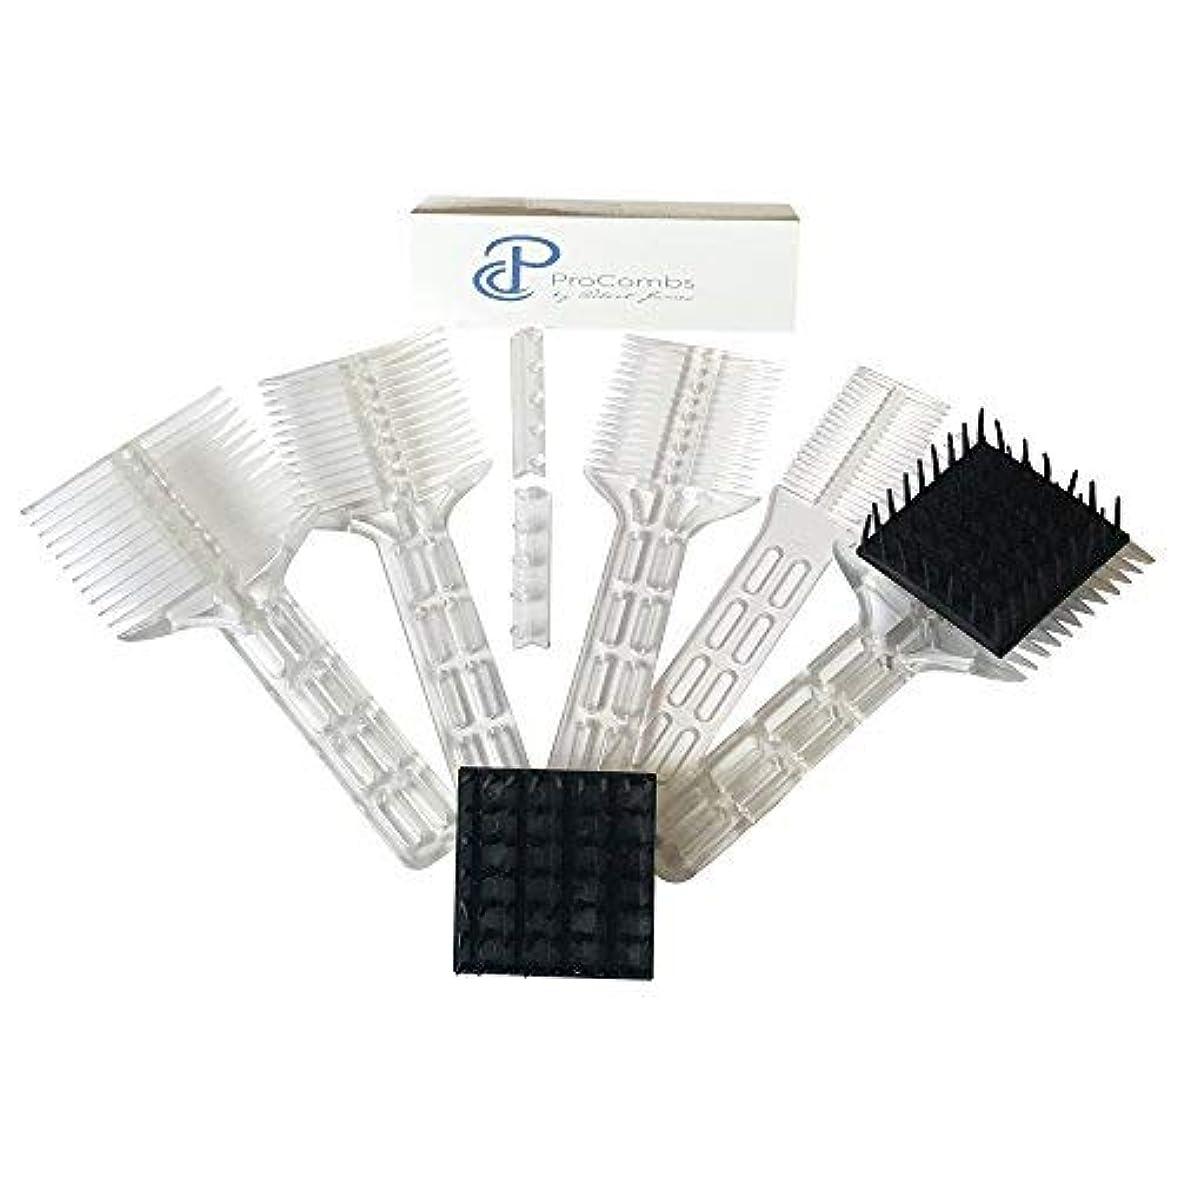 状態音楽家フォージScissor/Clipper Over Comb Tool For The Perfect Haircut [並行輸入品]